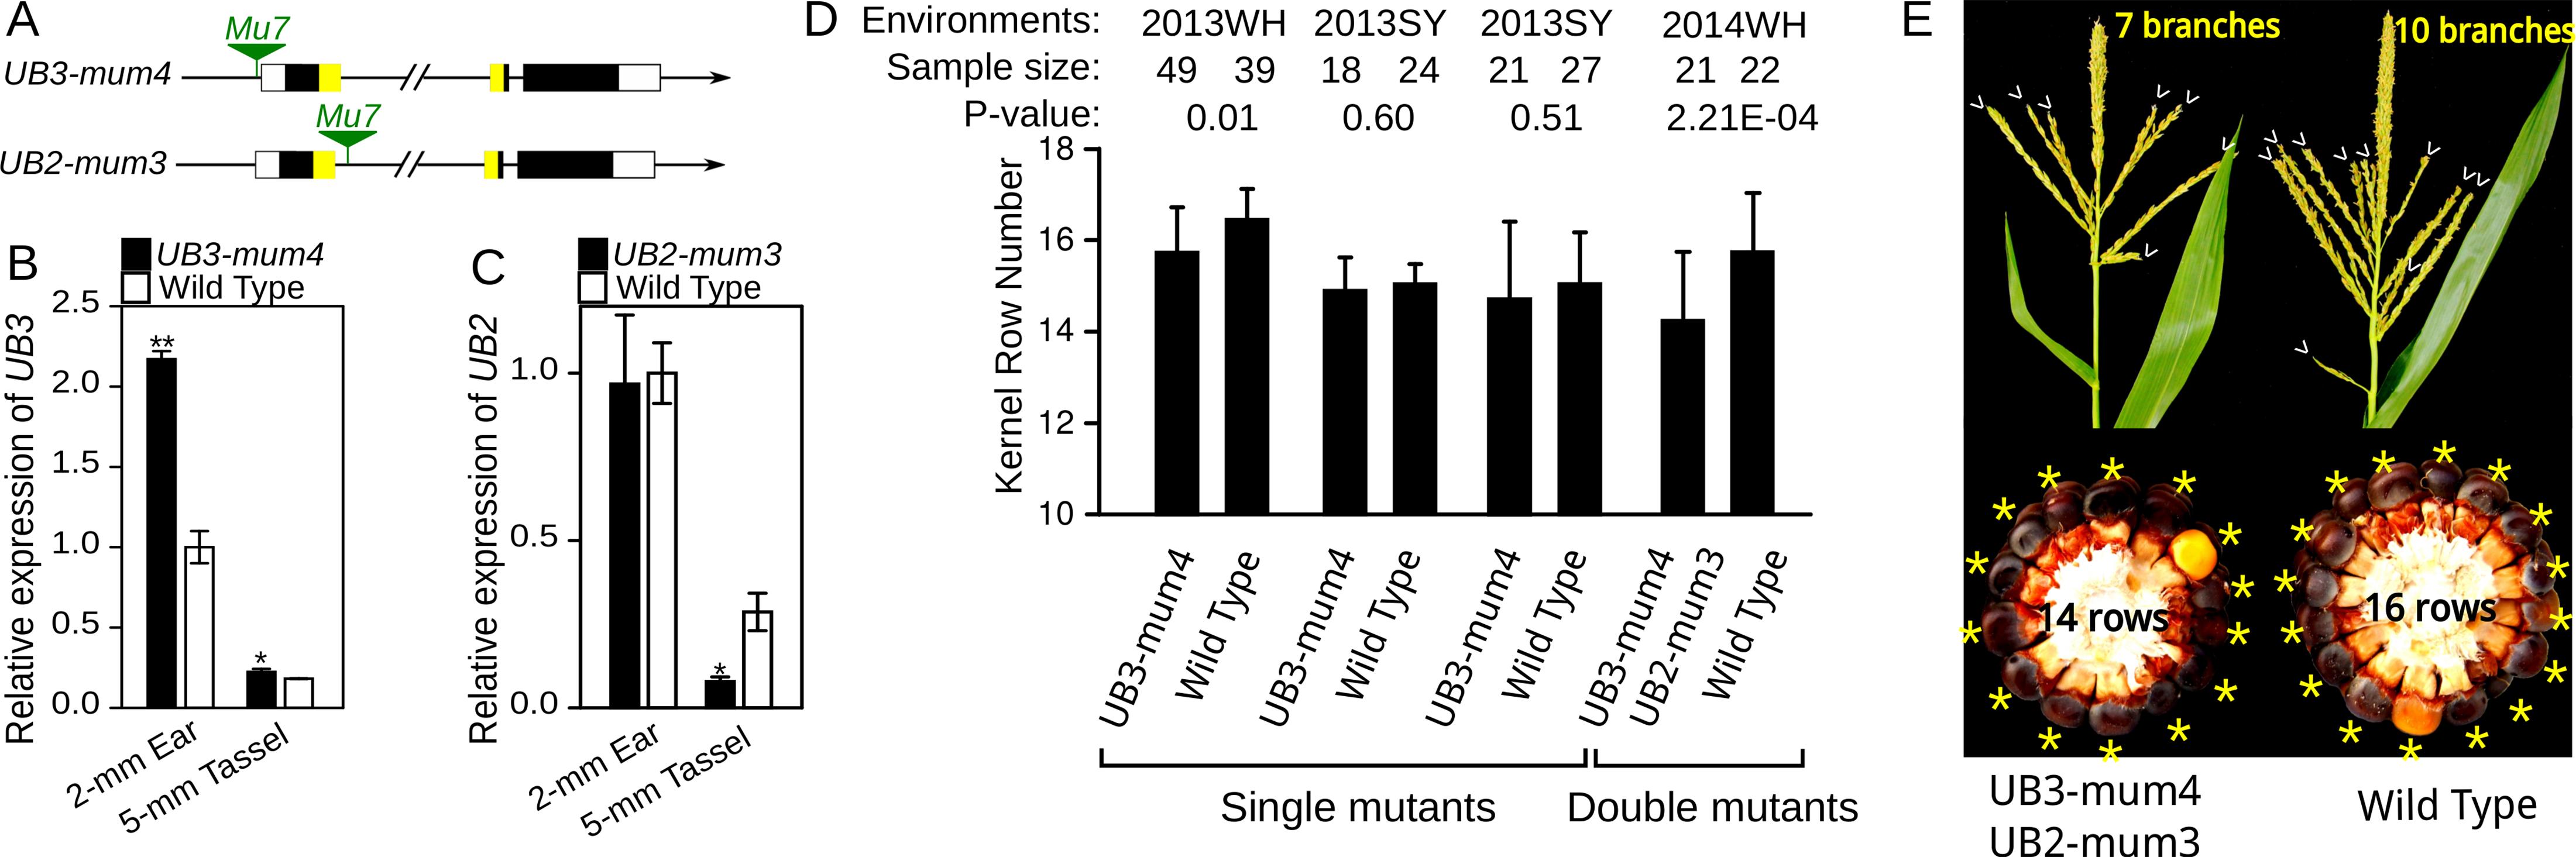 Expression analysis and phenotypic characterization of <i>UB3-mum4</i> and <i>UB2-mum3</i> mutants.